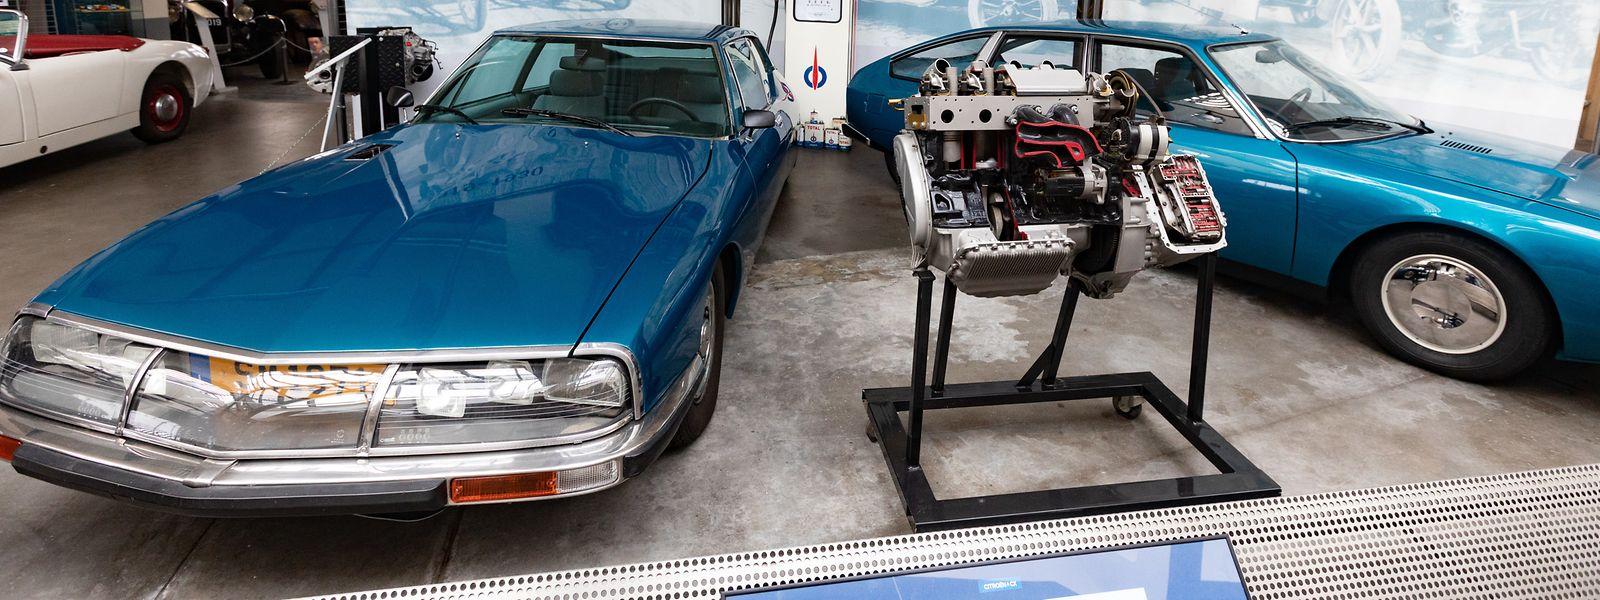 Lokales,100 Jahre Citroën - Itv Ferrari - Conservatoire National de véhicules Historiques. Foto: Gerry Huberty/Luxemburger Wort